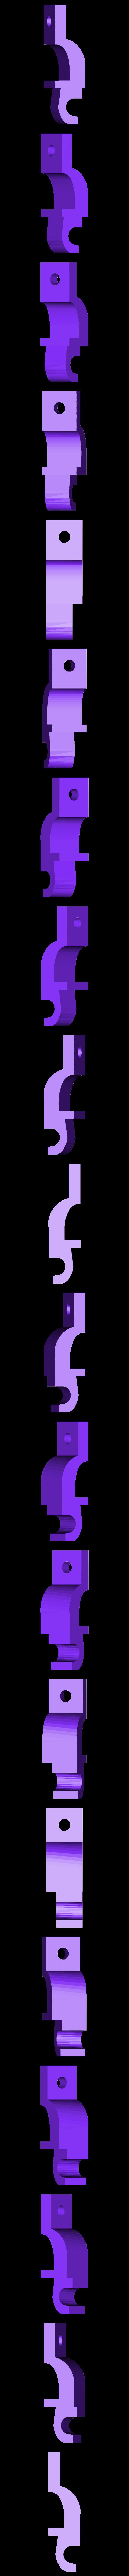 phantom-adapter_v4_part2.stl Télécharger fichier STL gratuit Attache de bourdon fantôme k'nex. • Plan pour imprimante 3D, DIYMachines